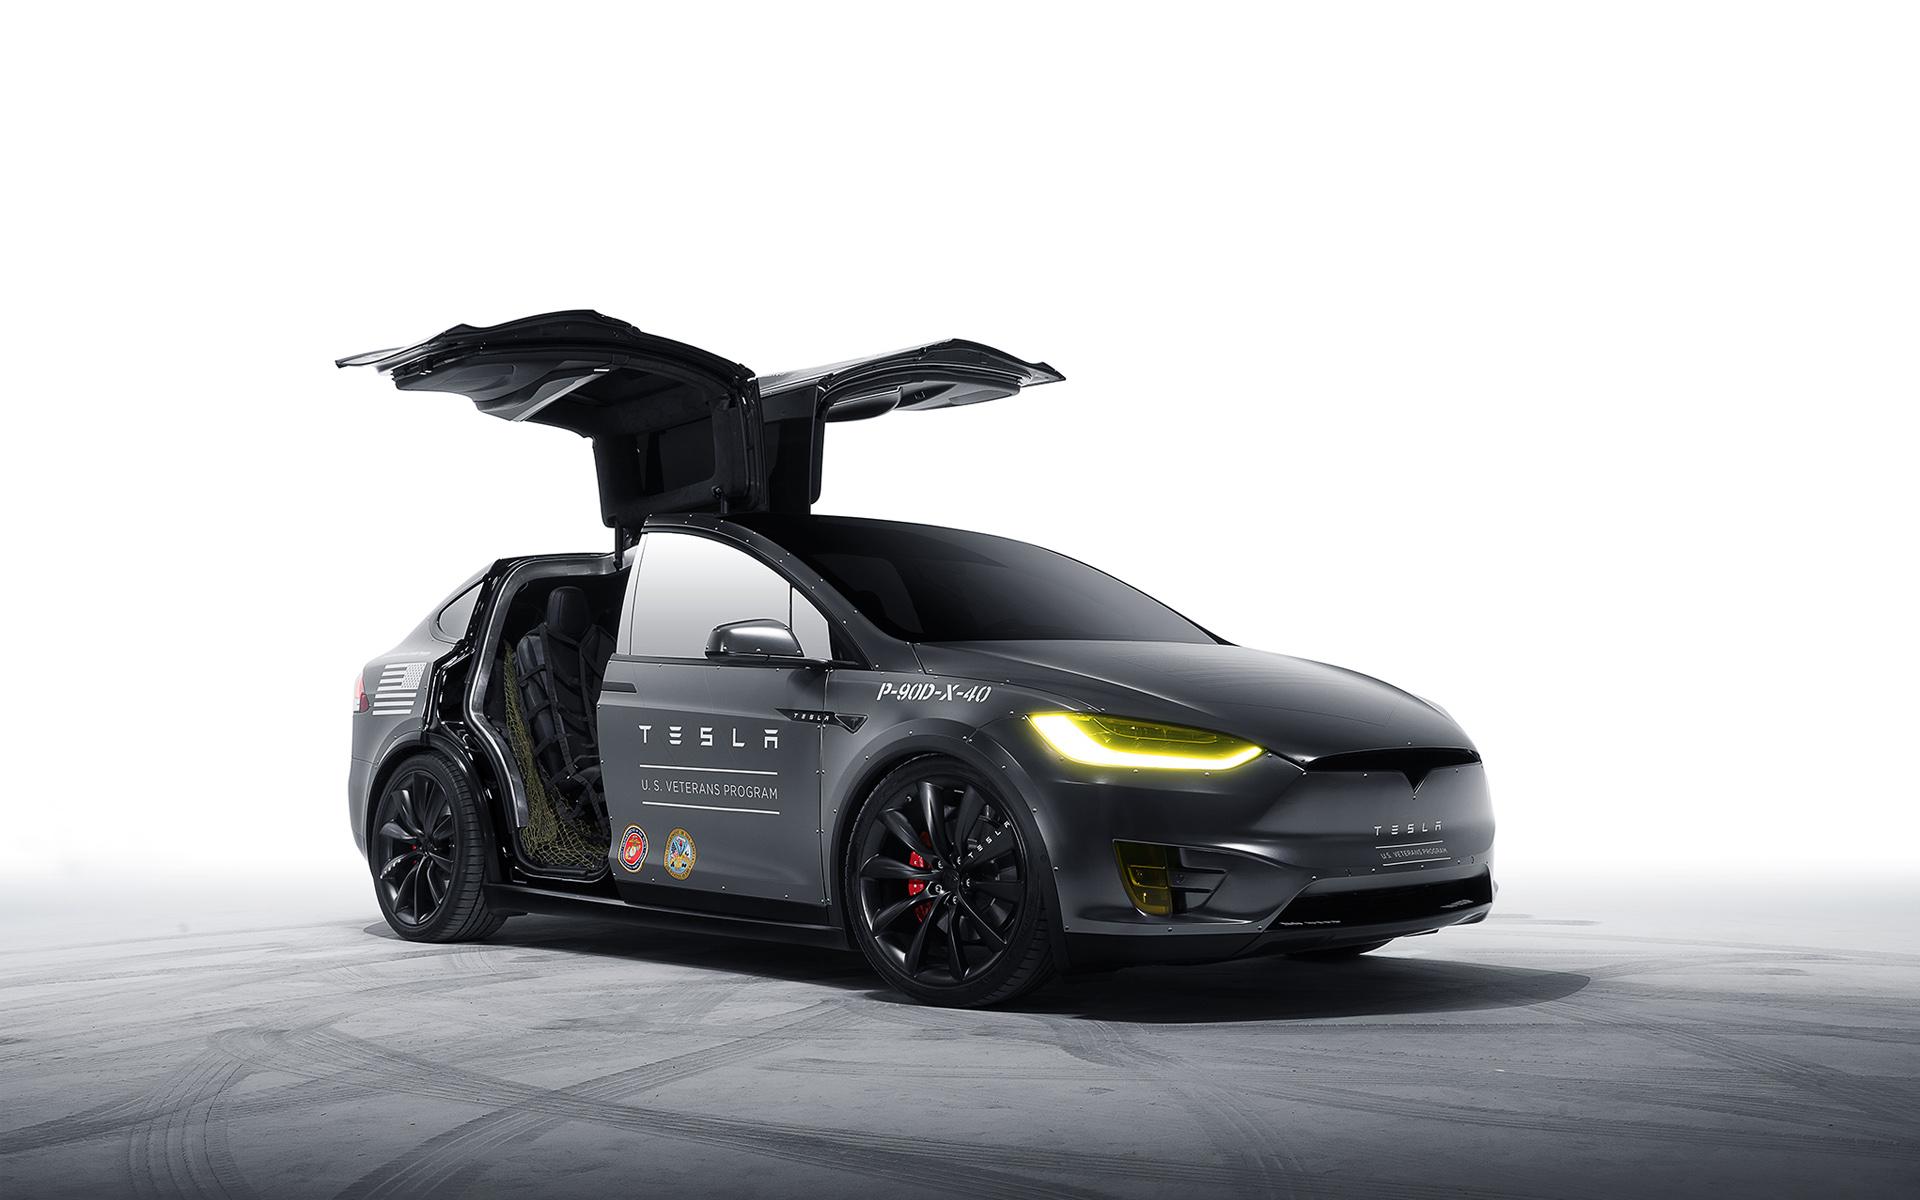 Model X Tesla Motors Wallpaper | HD Car Wallpapers | ID #5976